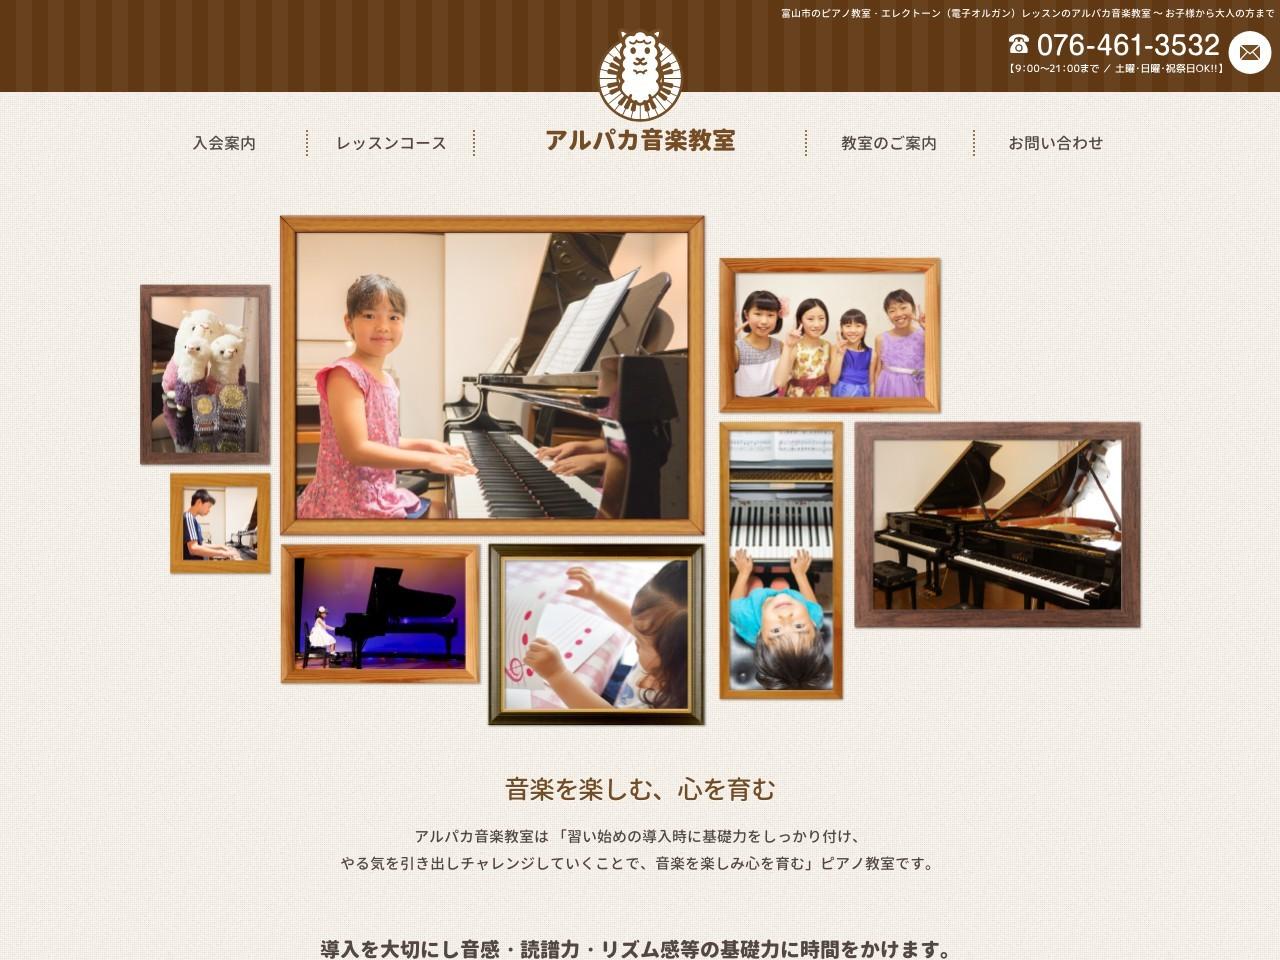 アルパカ音楽教室のサムネイル